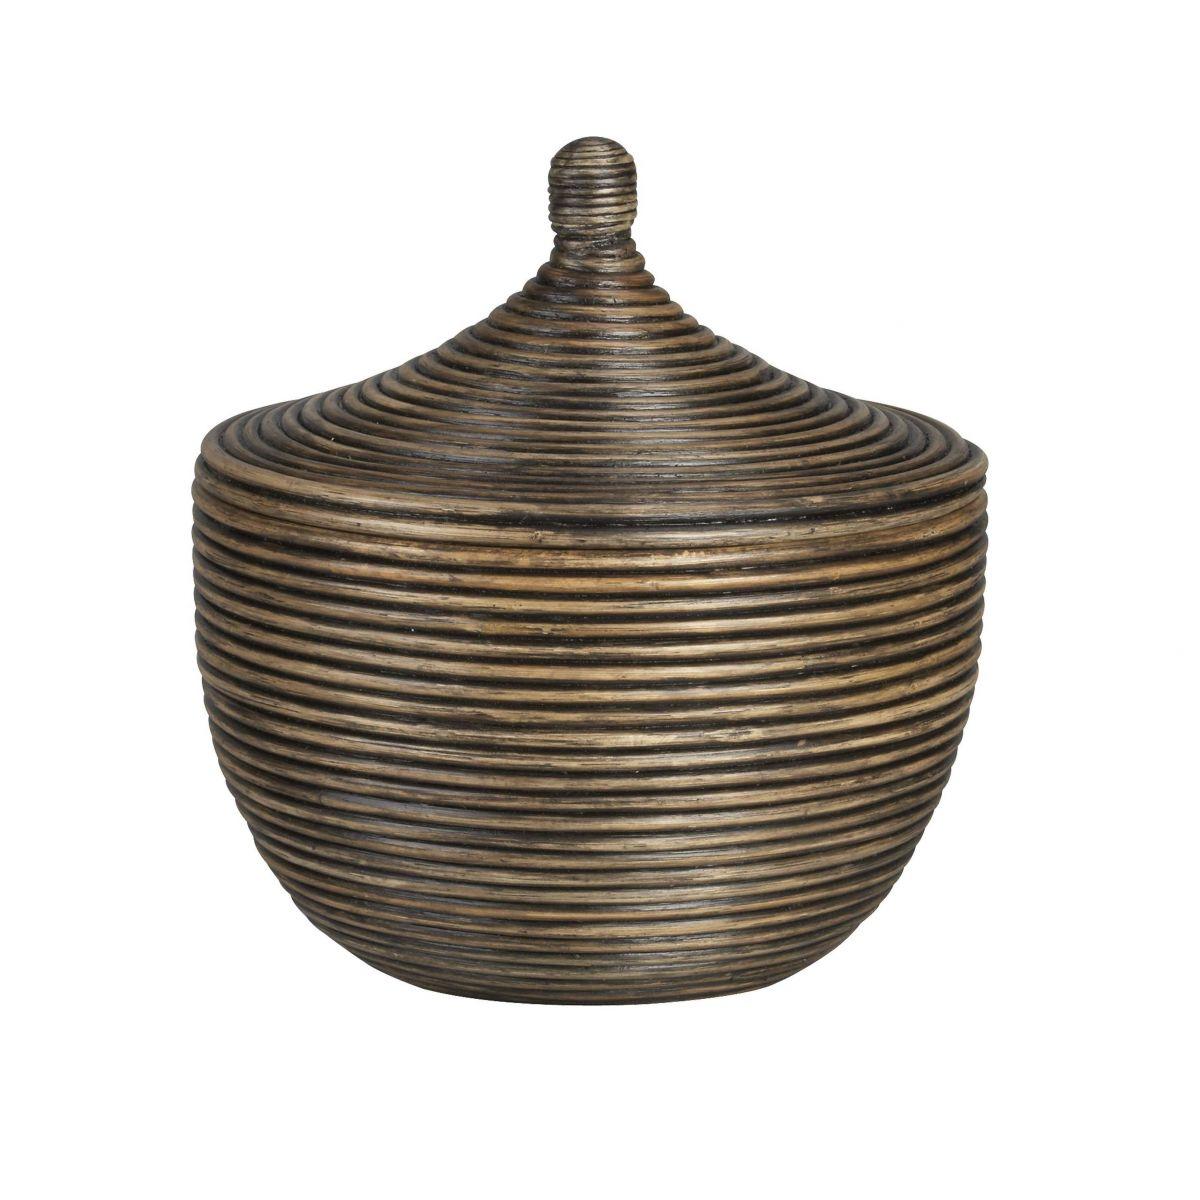 Coiled Lidded Basket # DK48